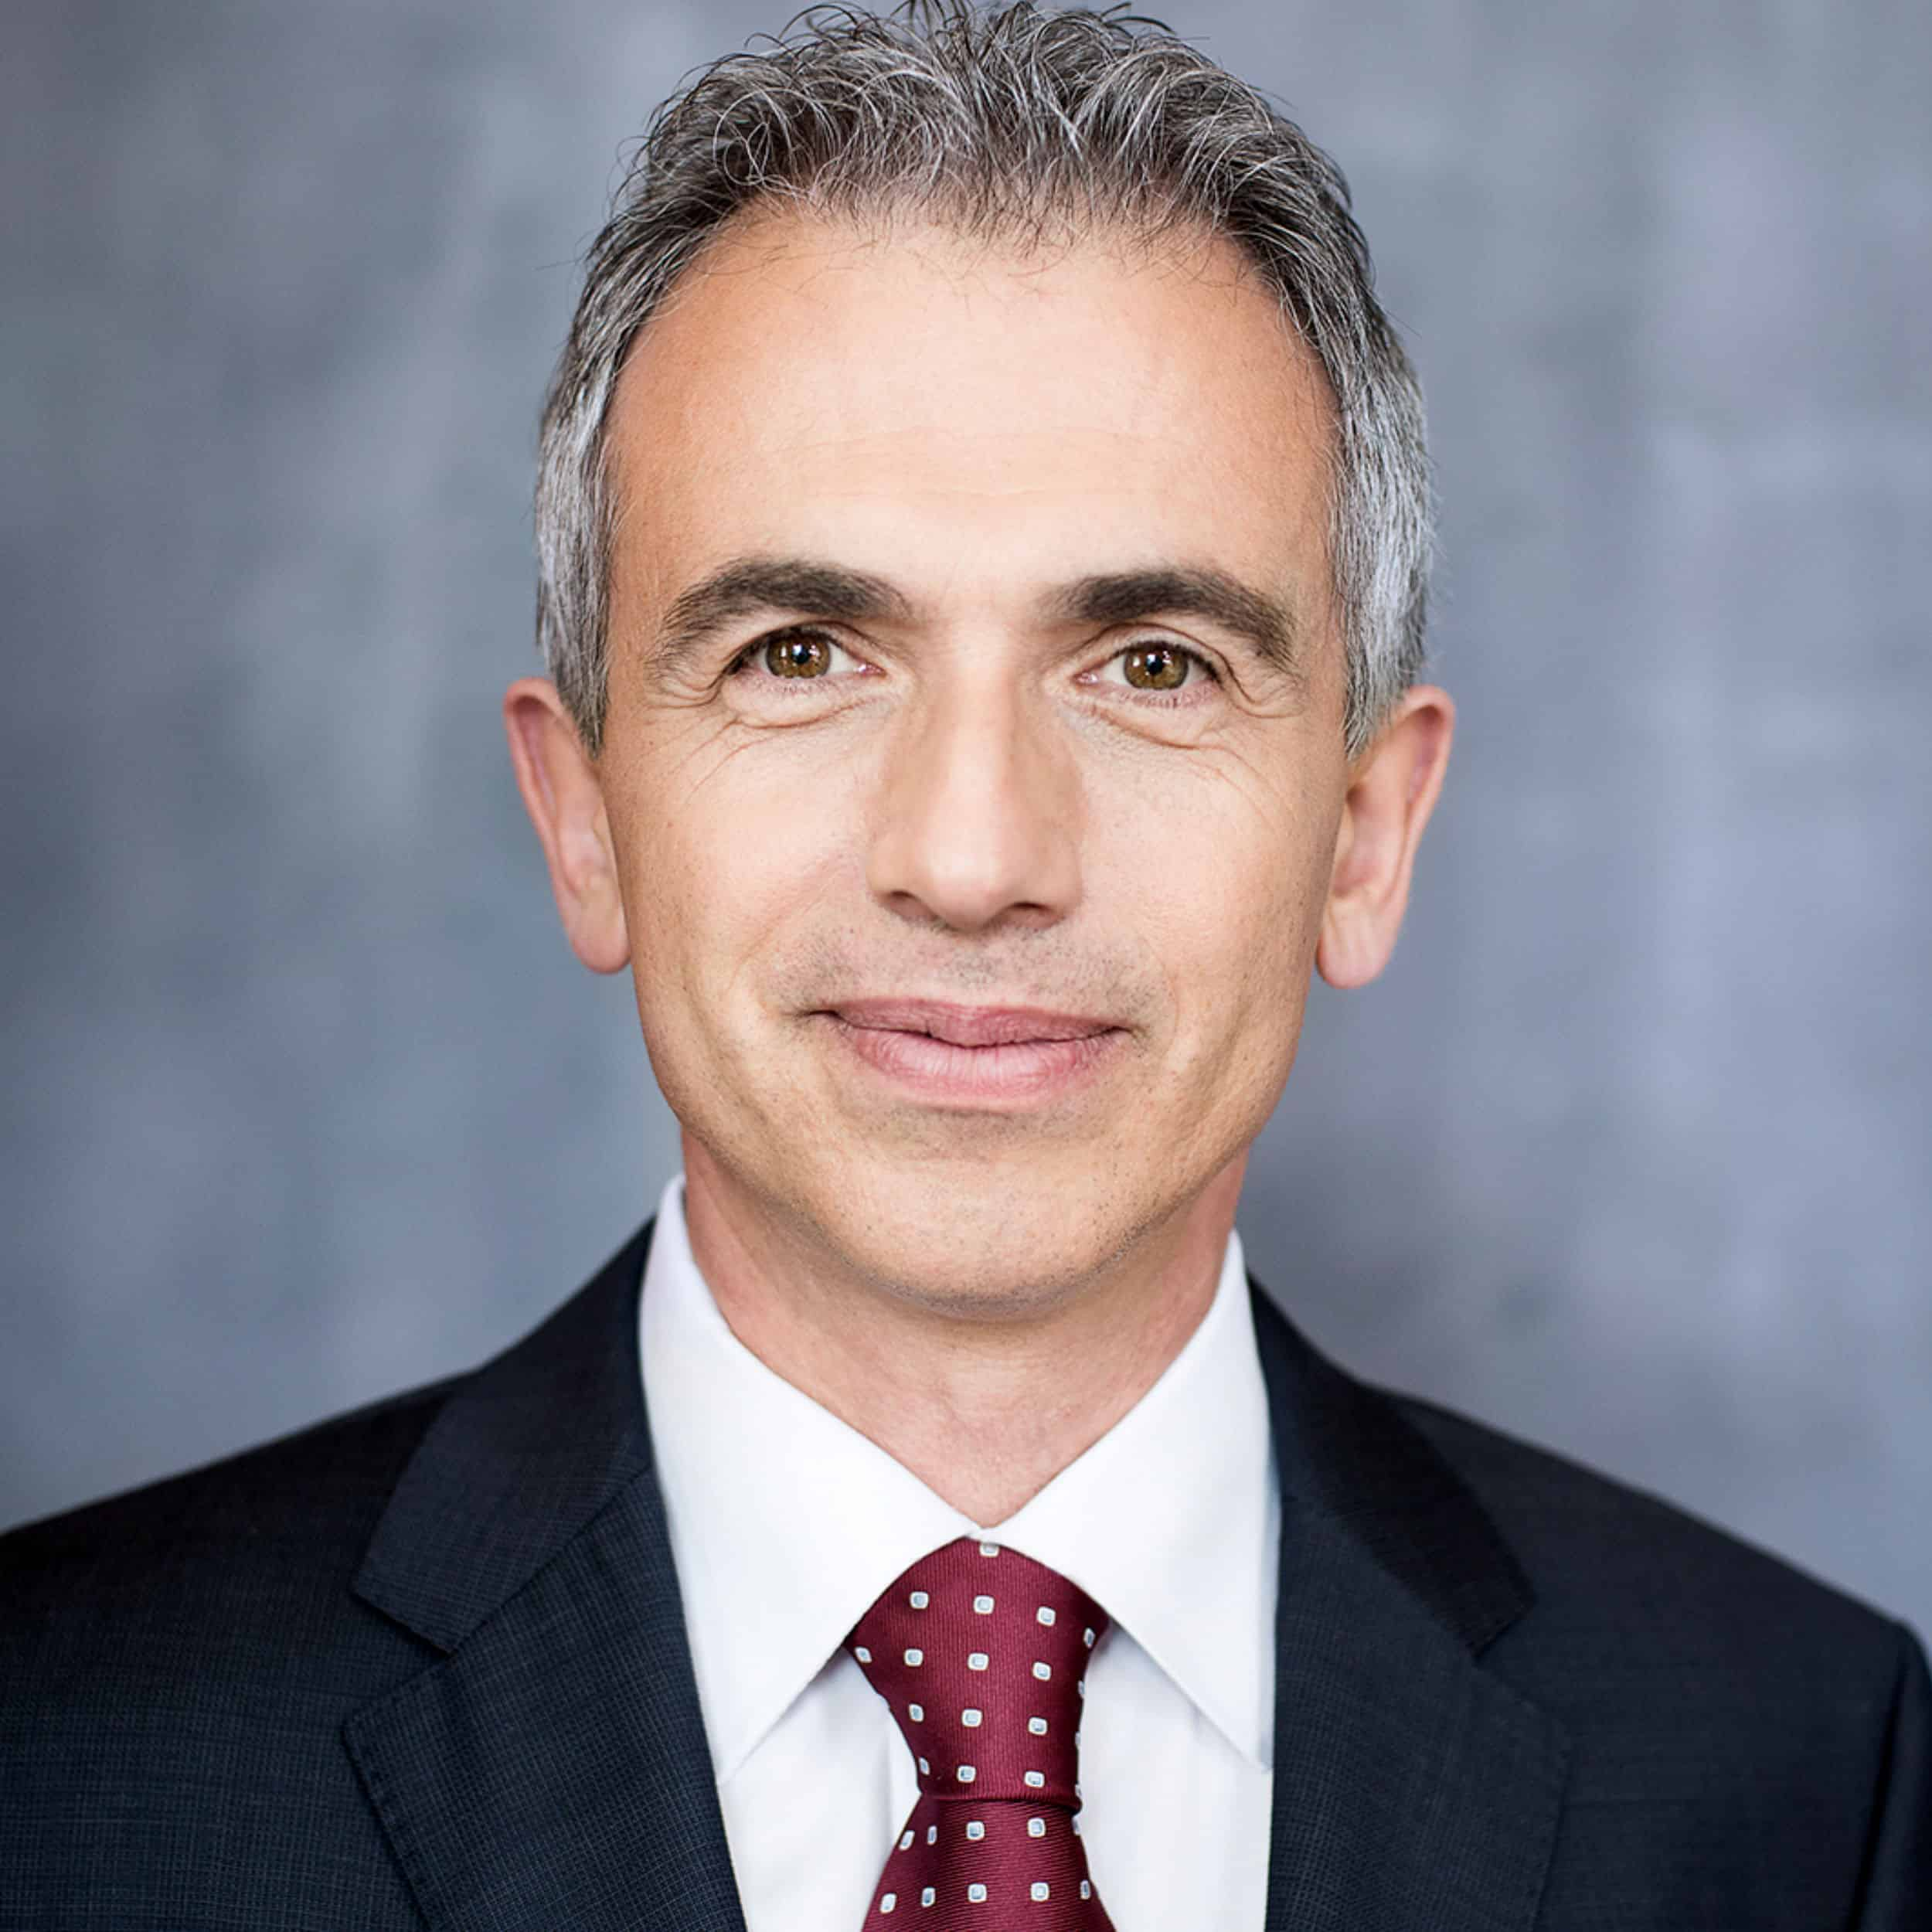 Peter Feldmann